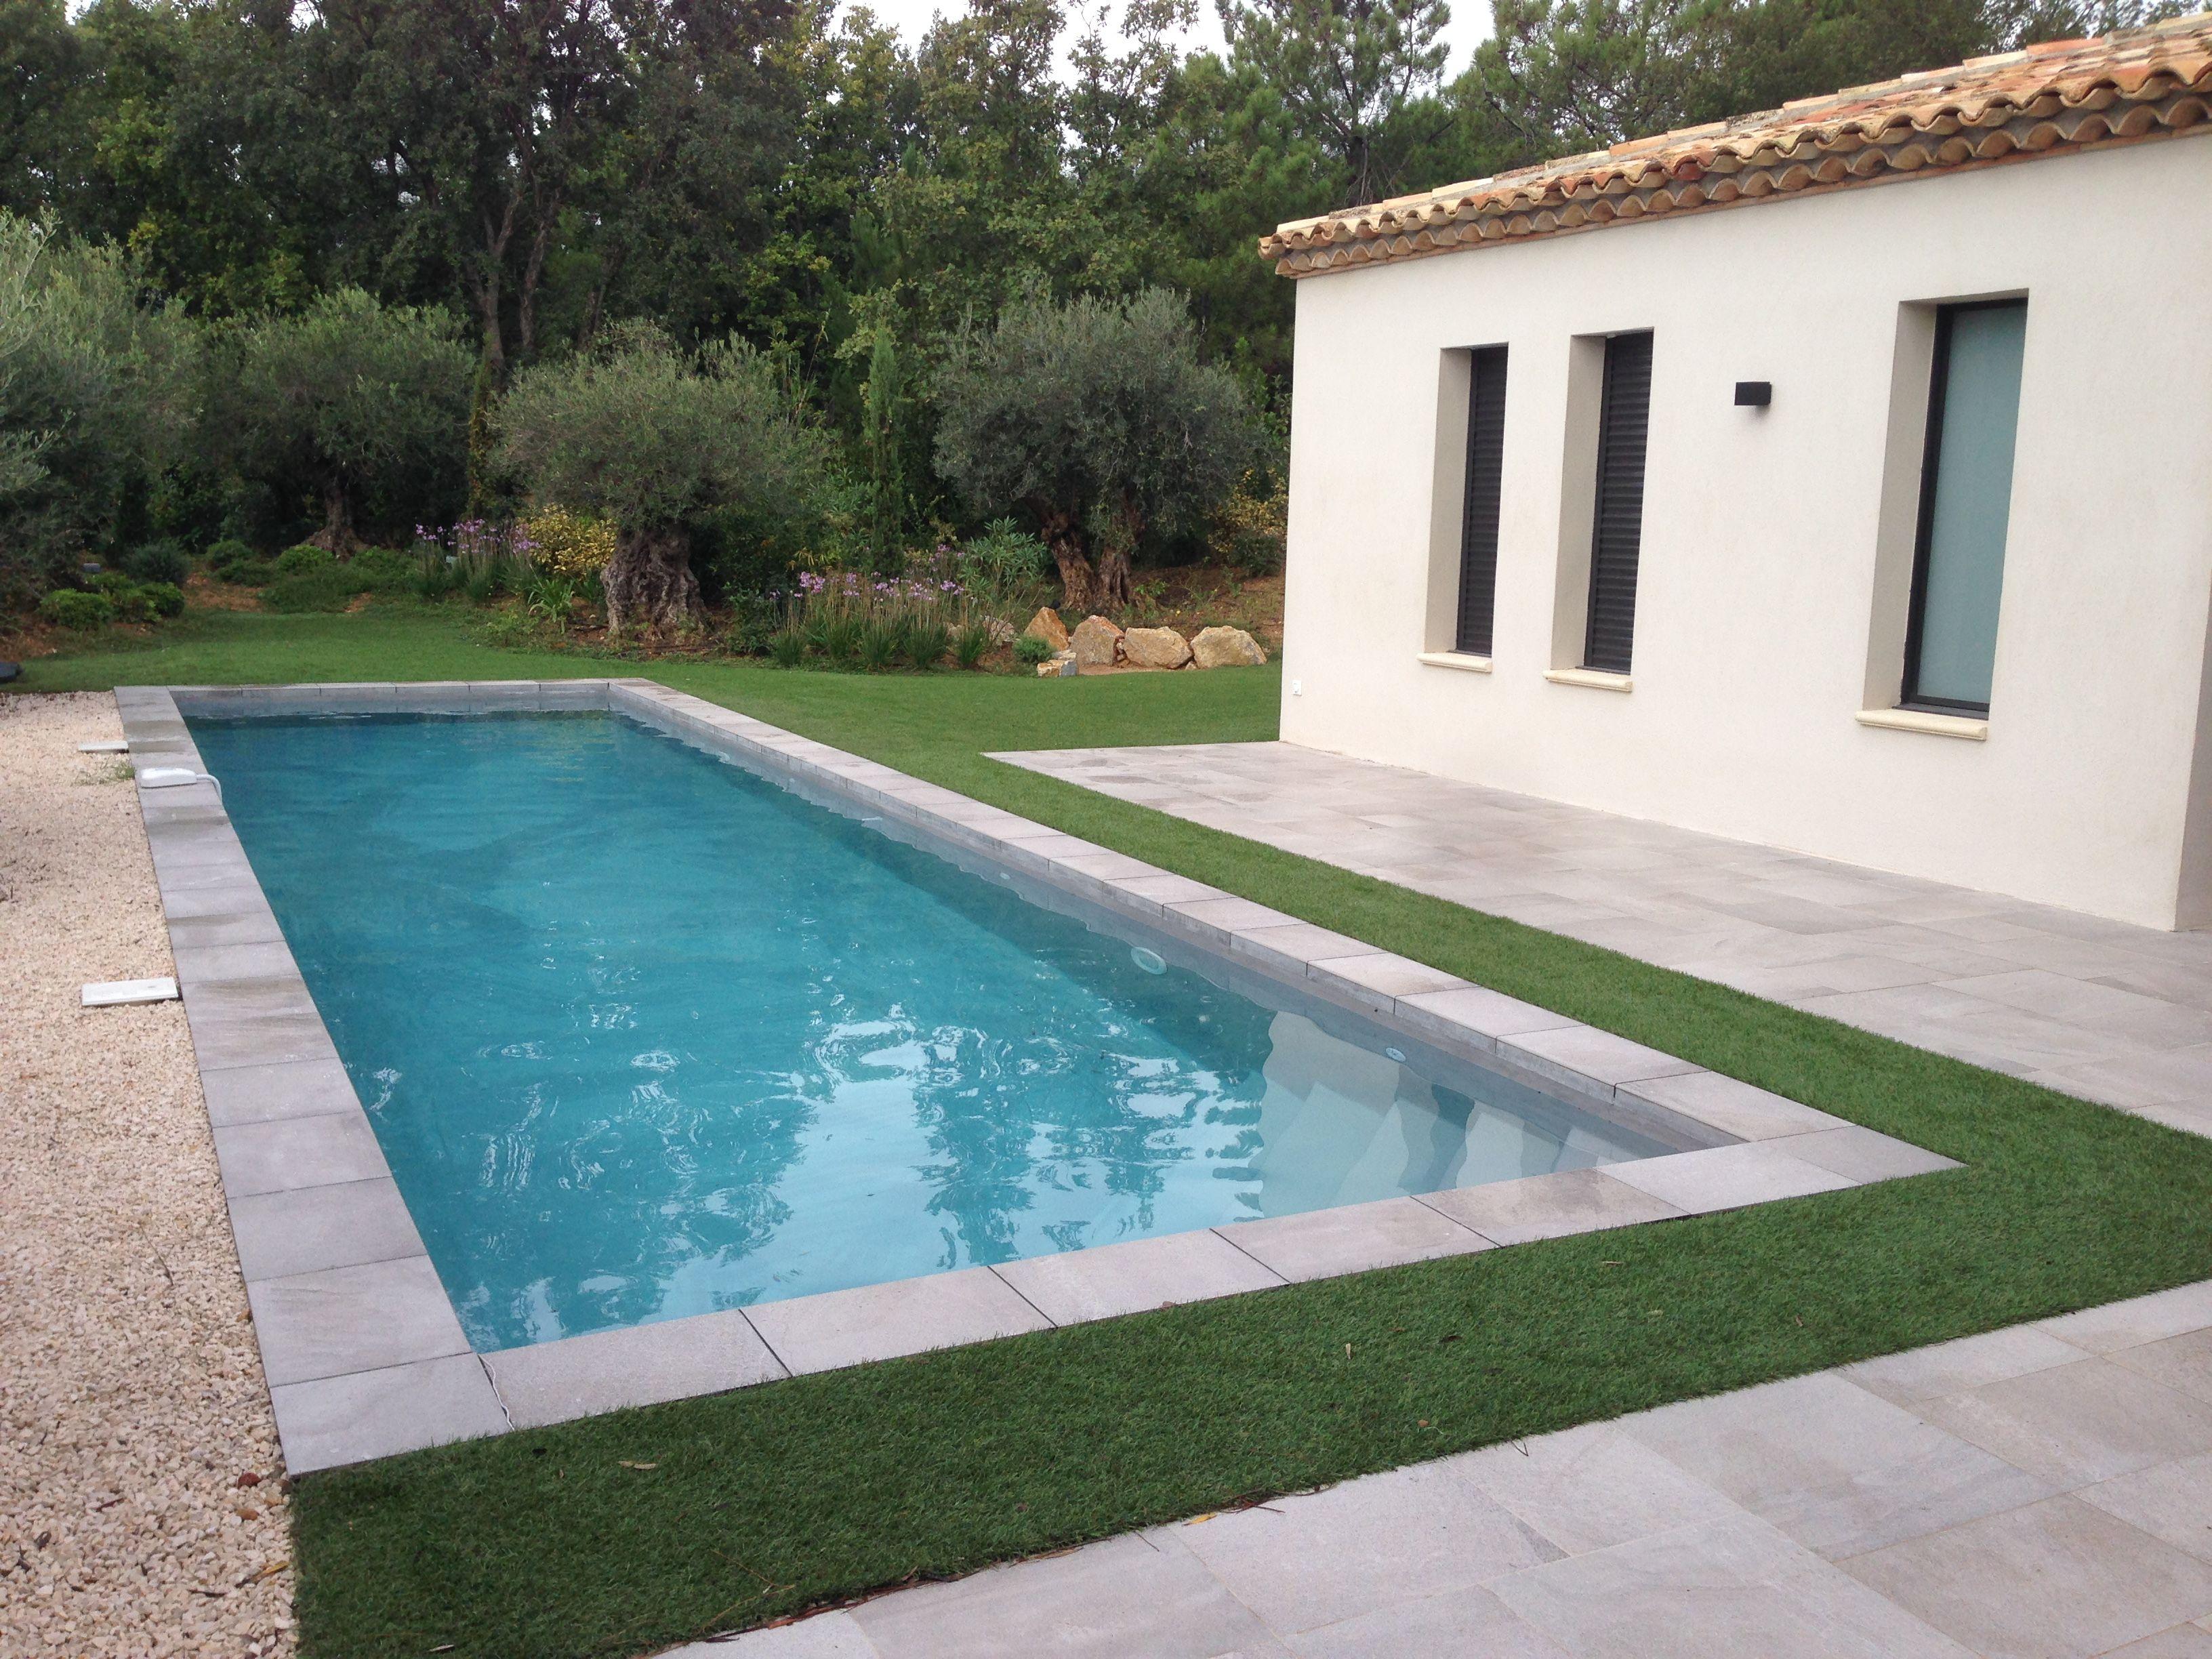 Constructeur De Piscine Paris piscines en dur familiale gamme plaisir | piscine, piscine